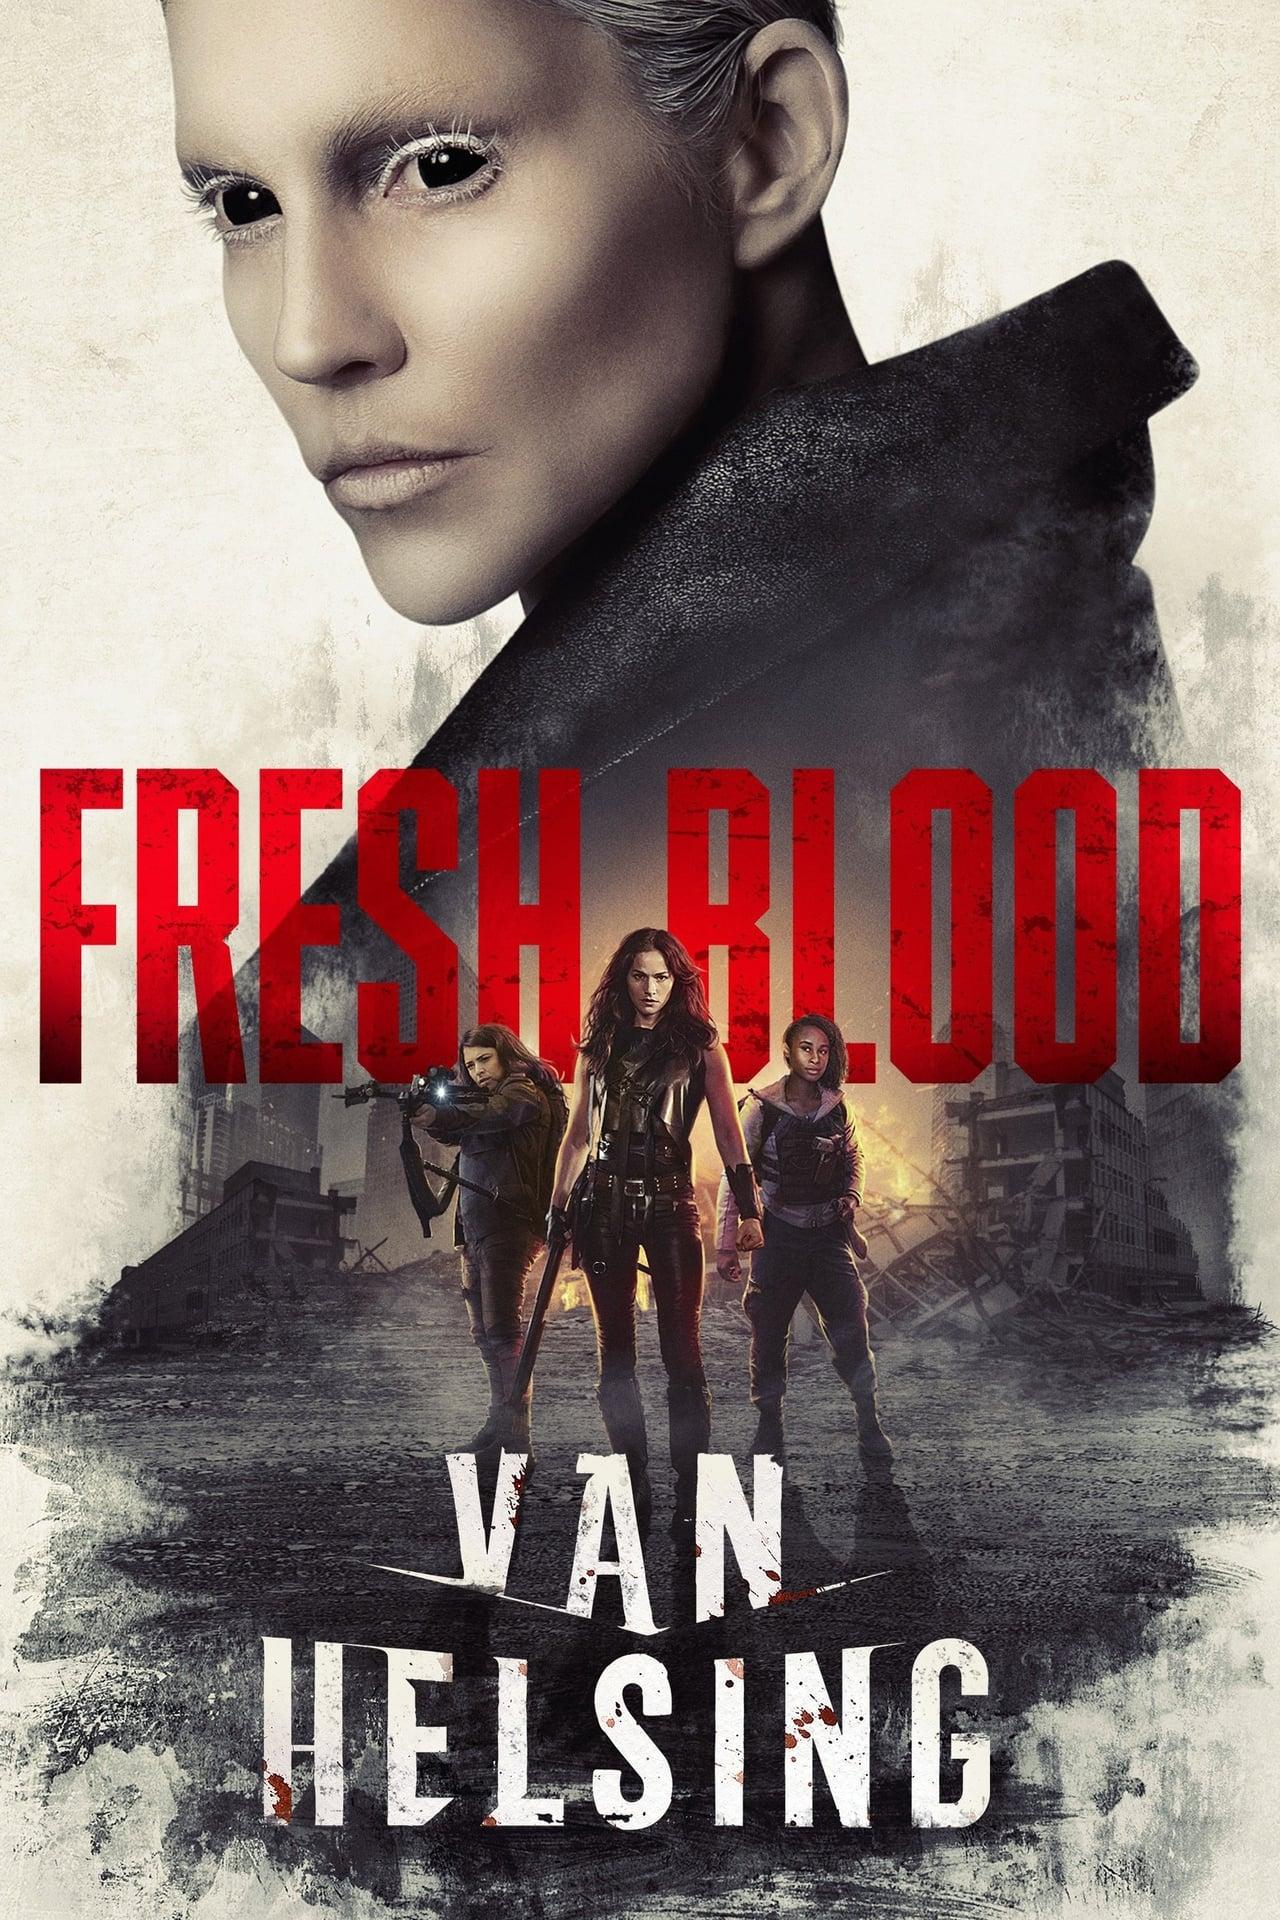 Van Helsing 2 Film